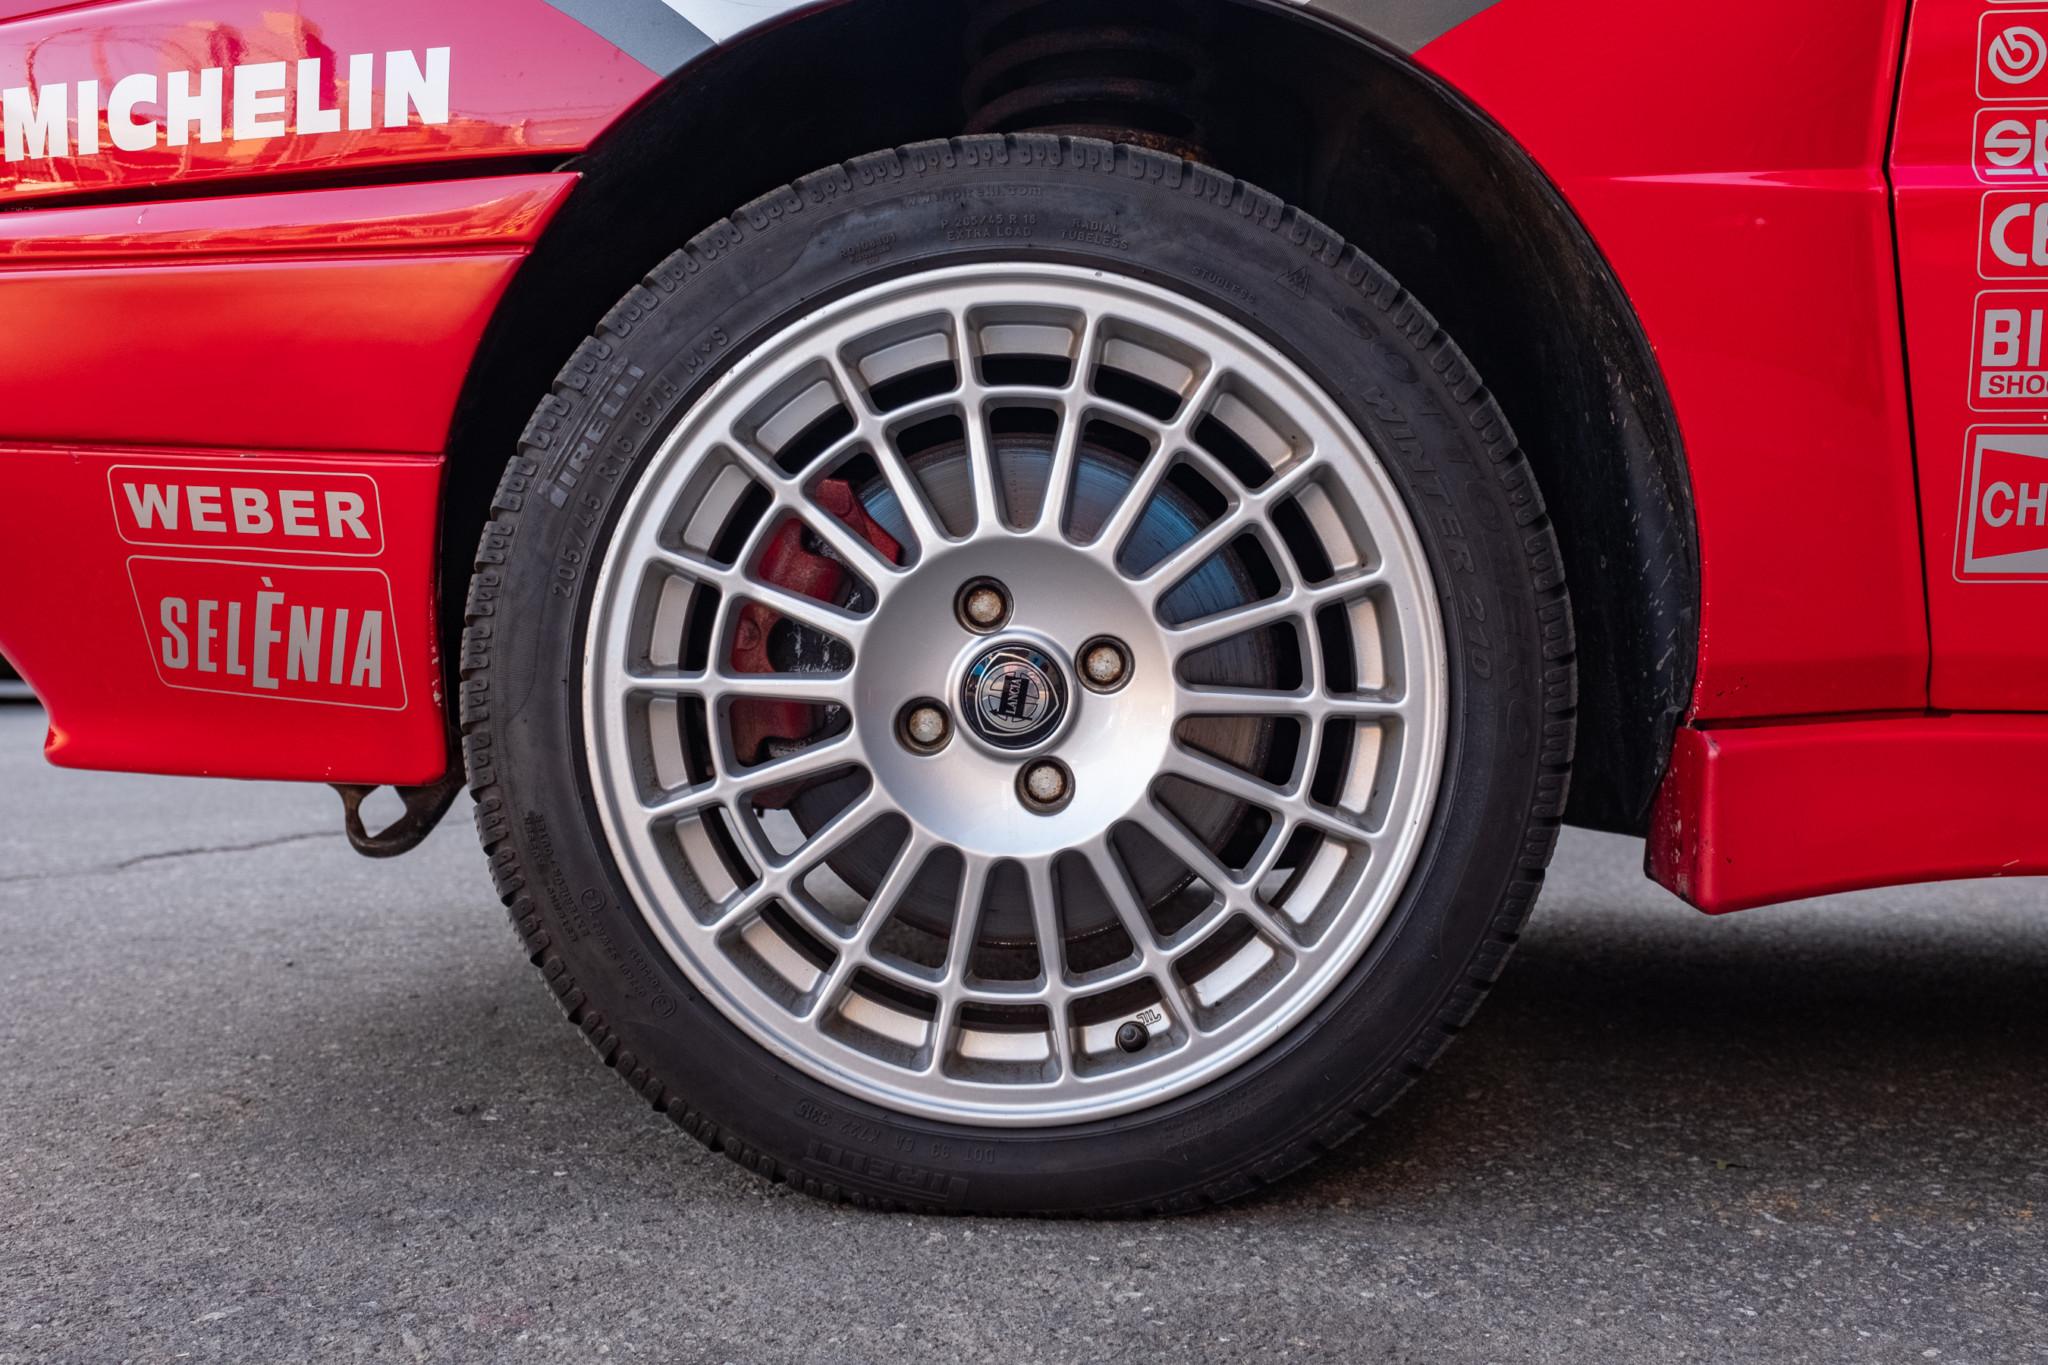 Lancia-Delta-Integrale-1989-for-sale-47